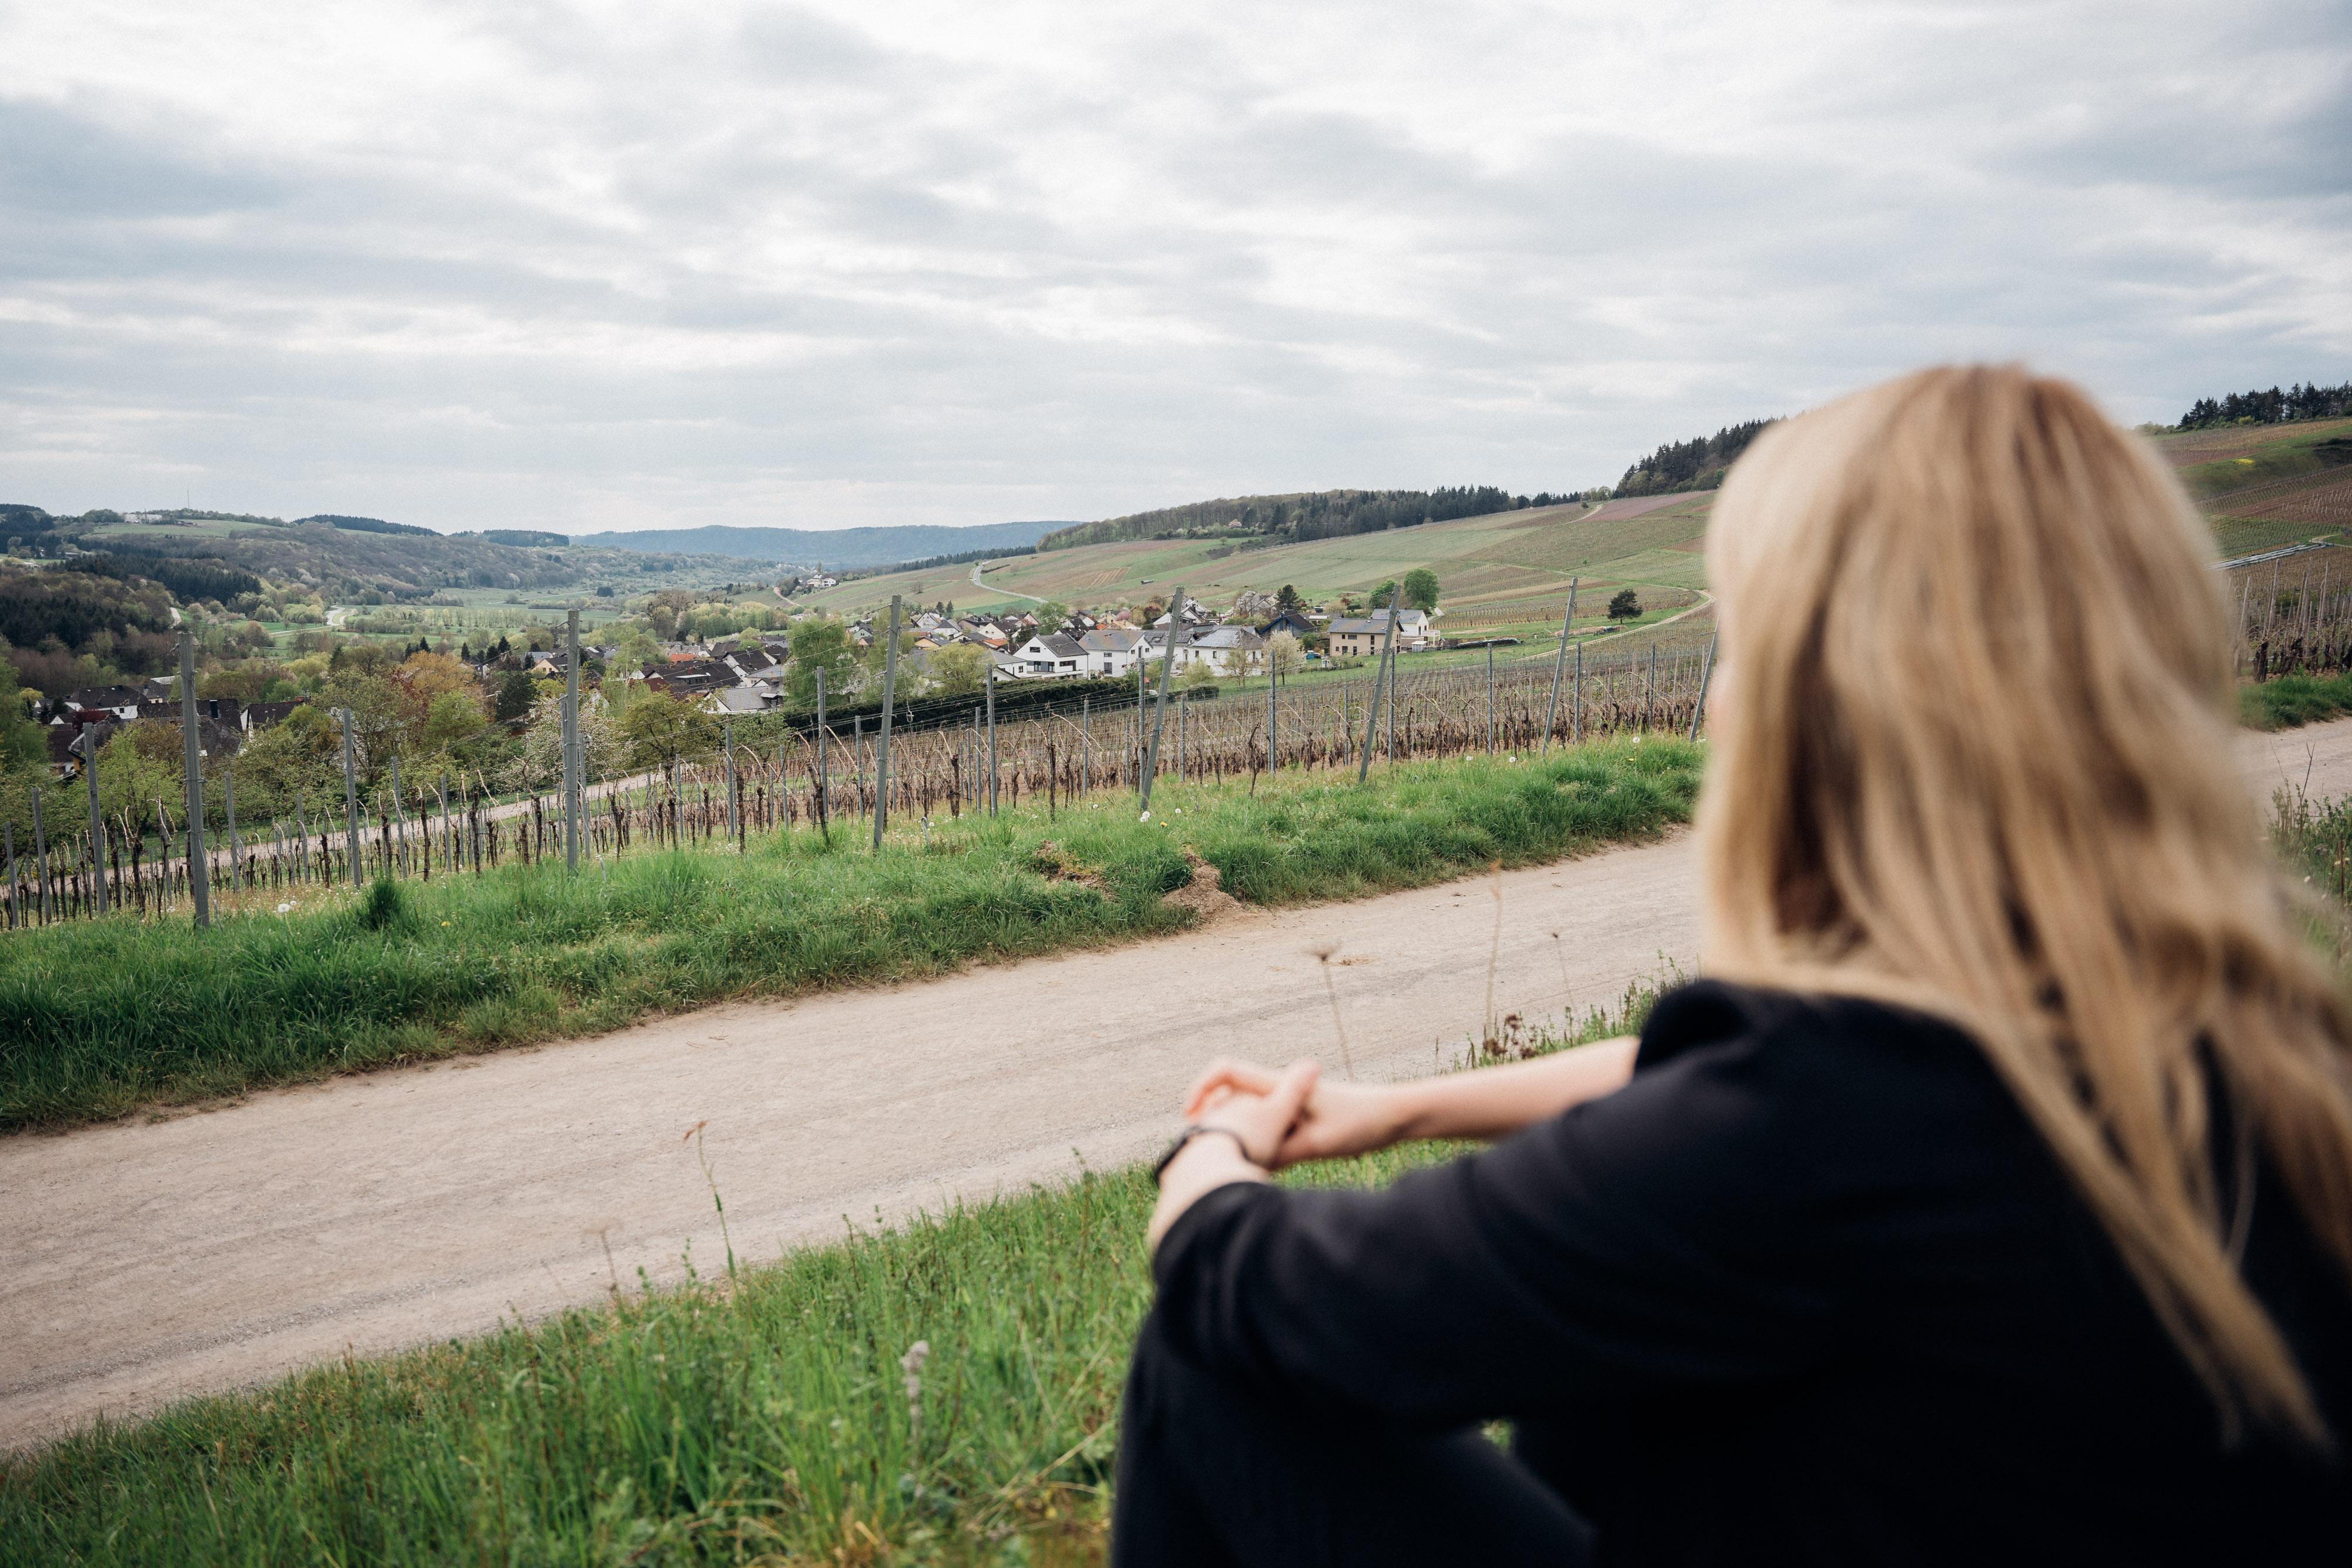 In Trier und Umgebung stellt sich Verena zur Wahl für den Deutschen Bundestag. Die weitläufigen Weinberge bedeuten für sie Heimat.